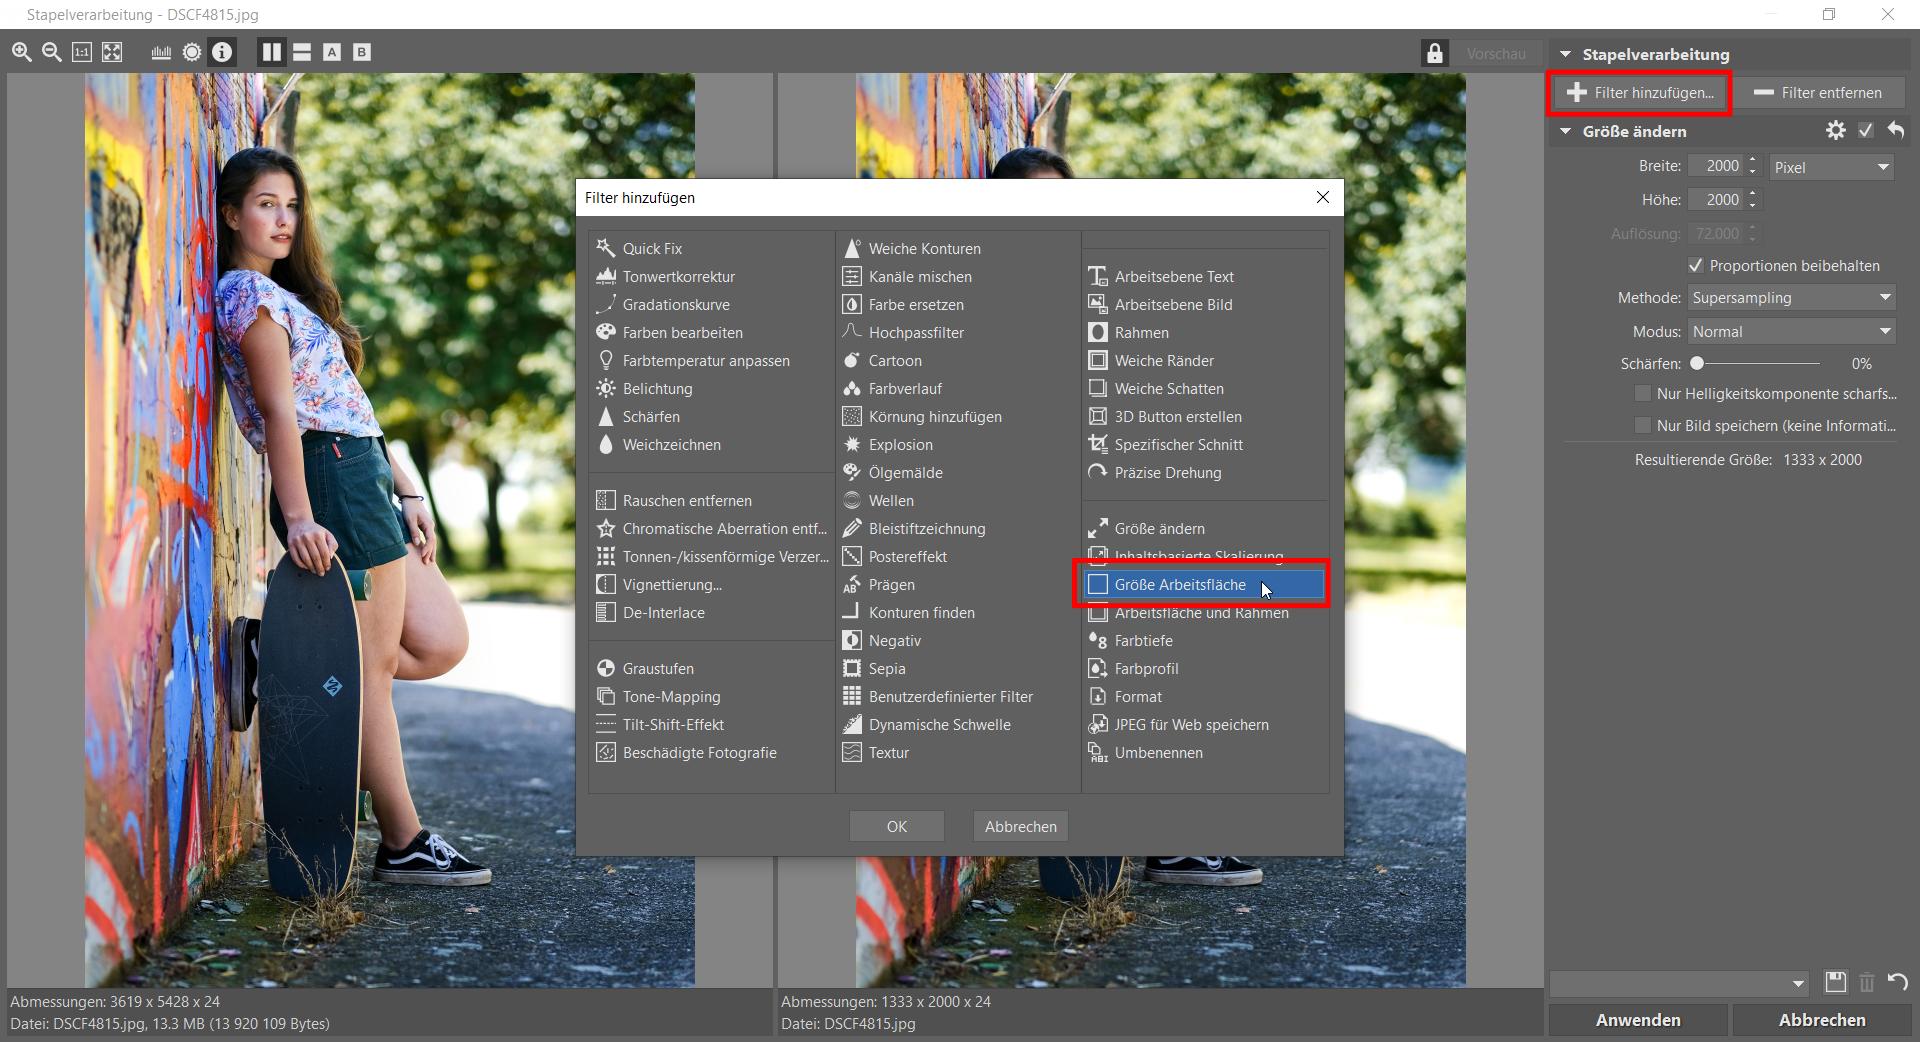 So bearbeiten Sie Fotos für Instagram: Fügen Sie Rahmen hinzu und vermeiden quadratisches Format